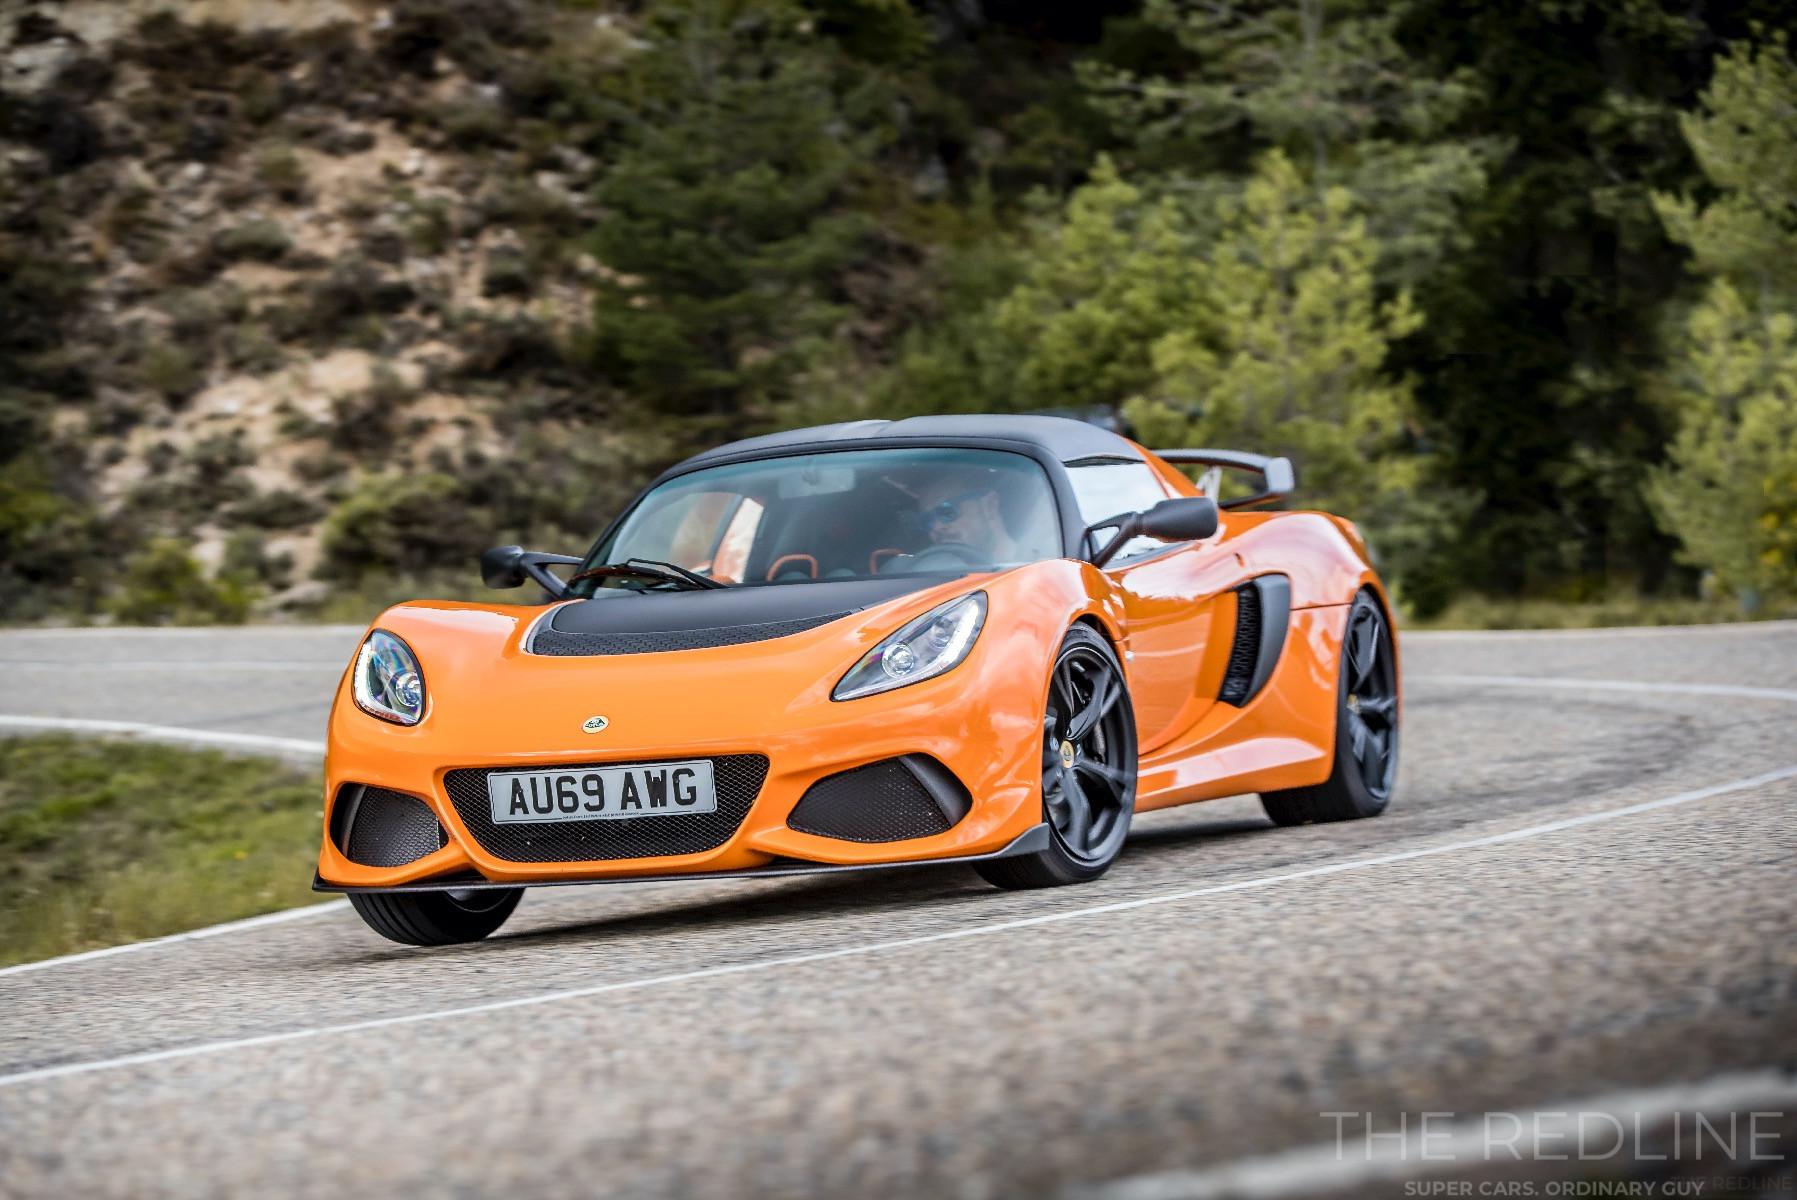 MY20.5 Lotus Exige 350